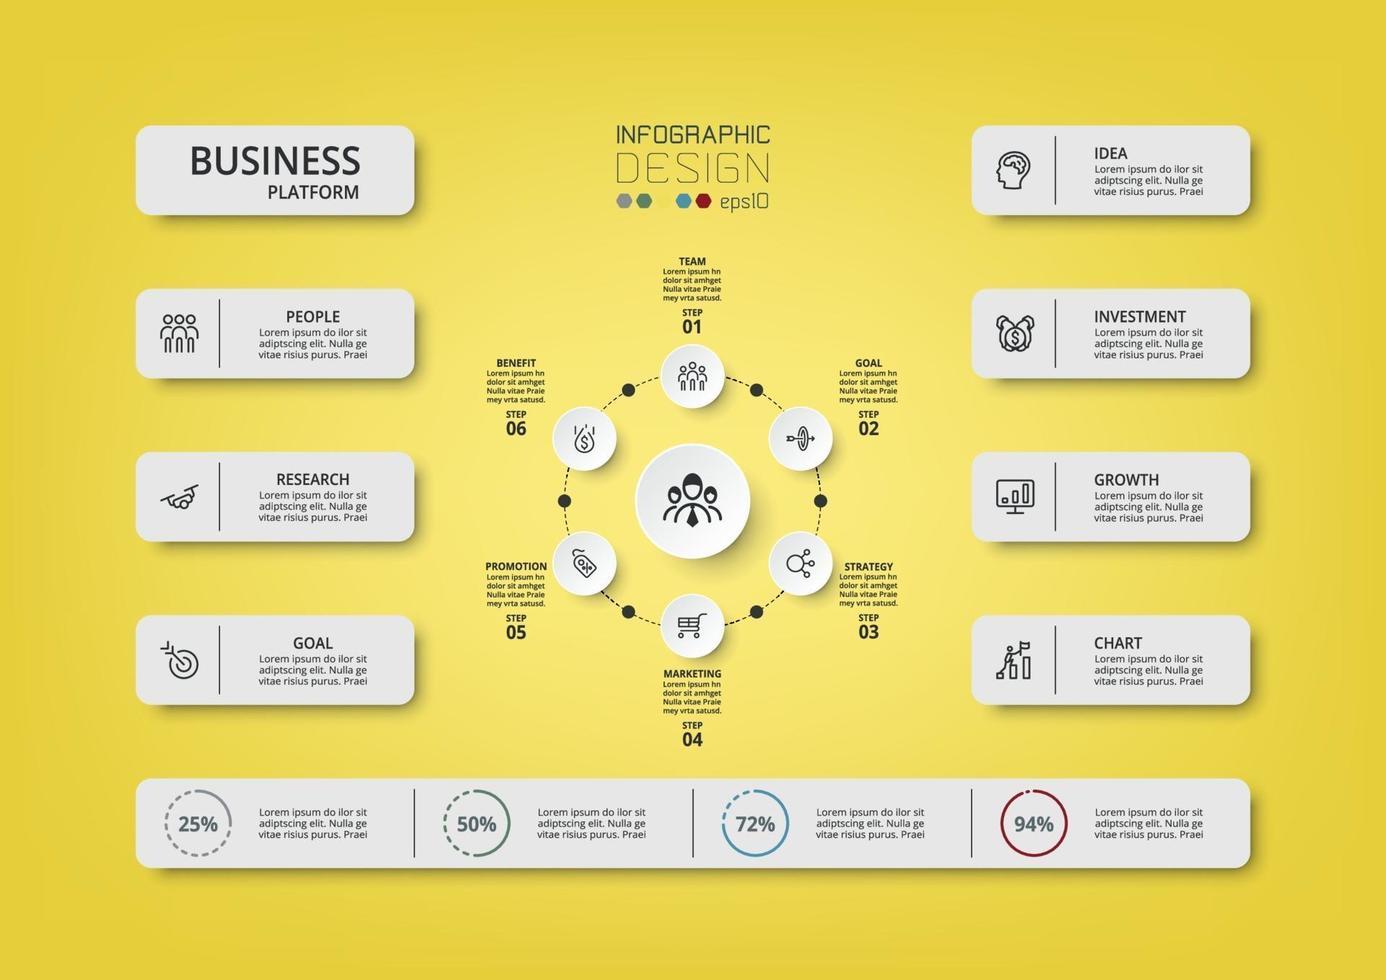 plataforma de negocios utilizada para analizar diferentes procesos para que las organizaciones presenten planes. vector